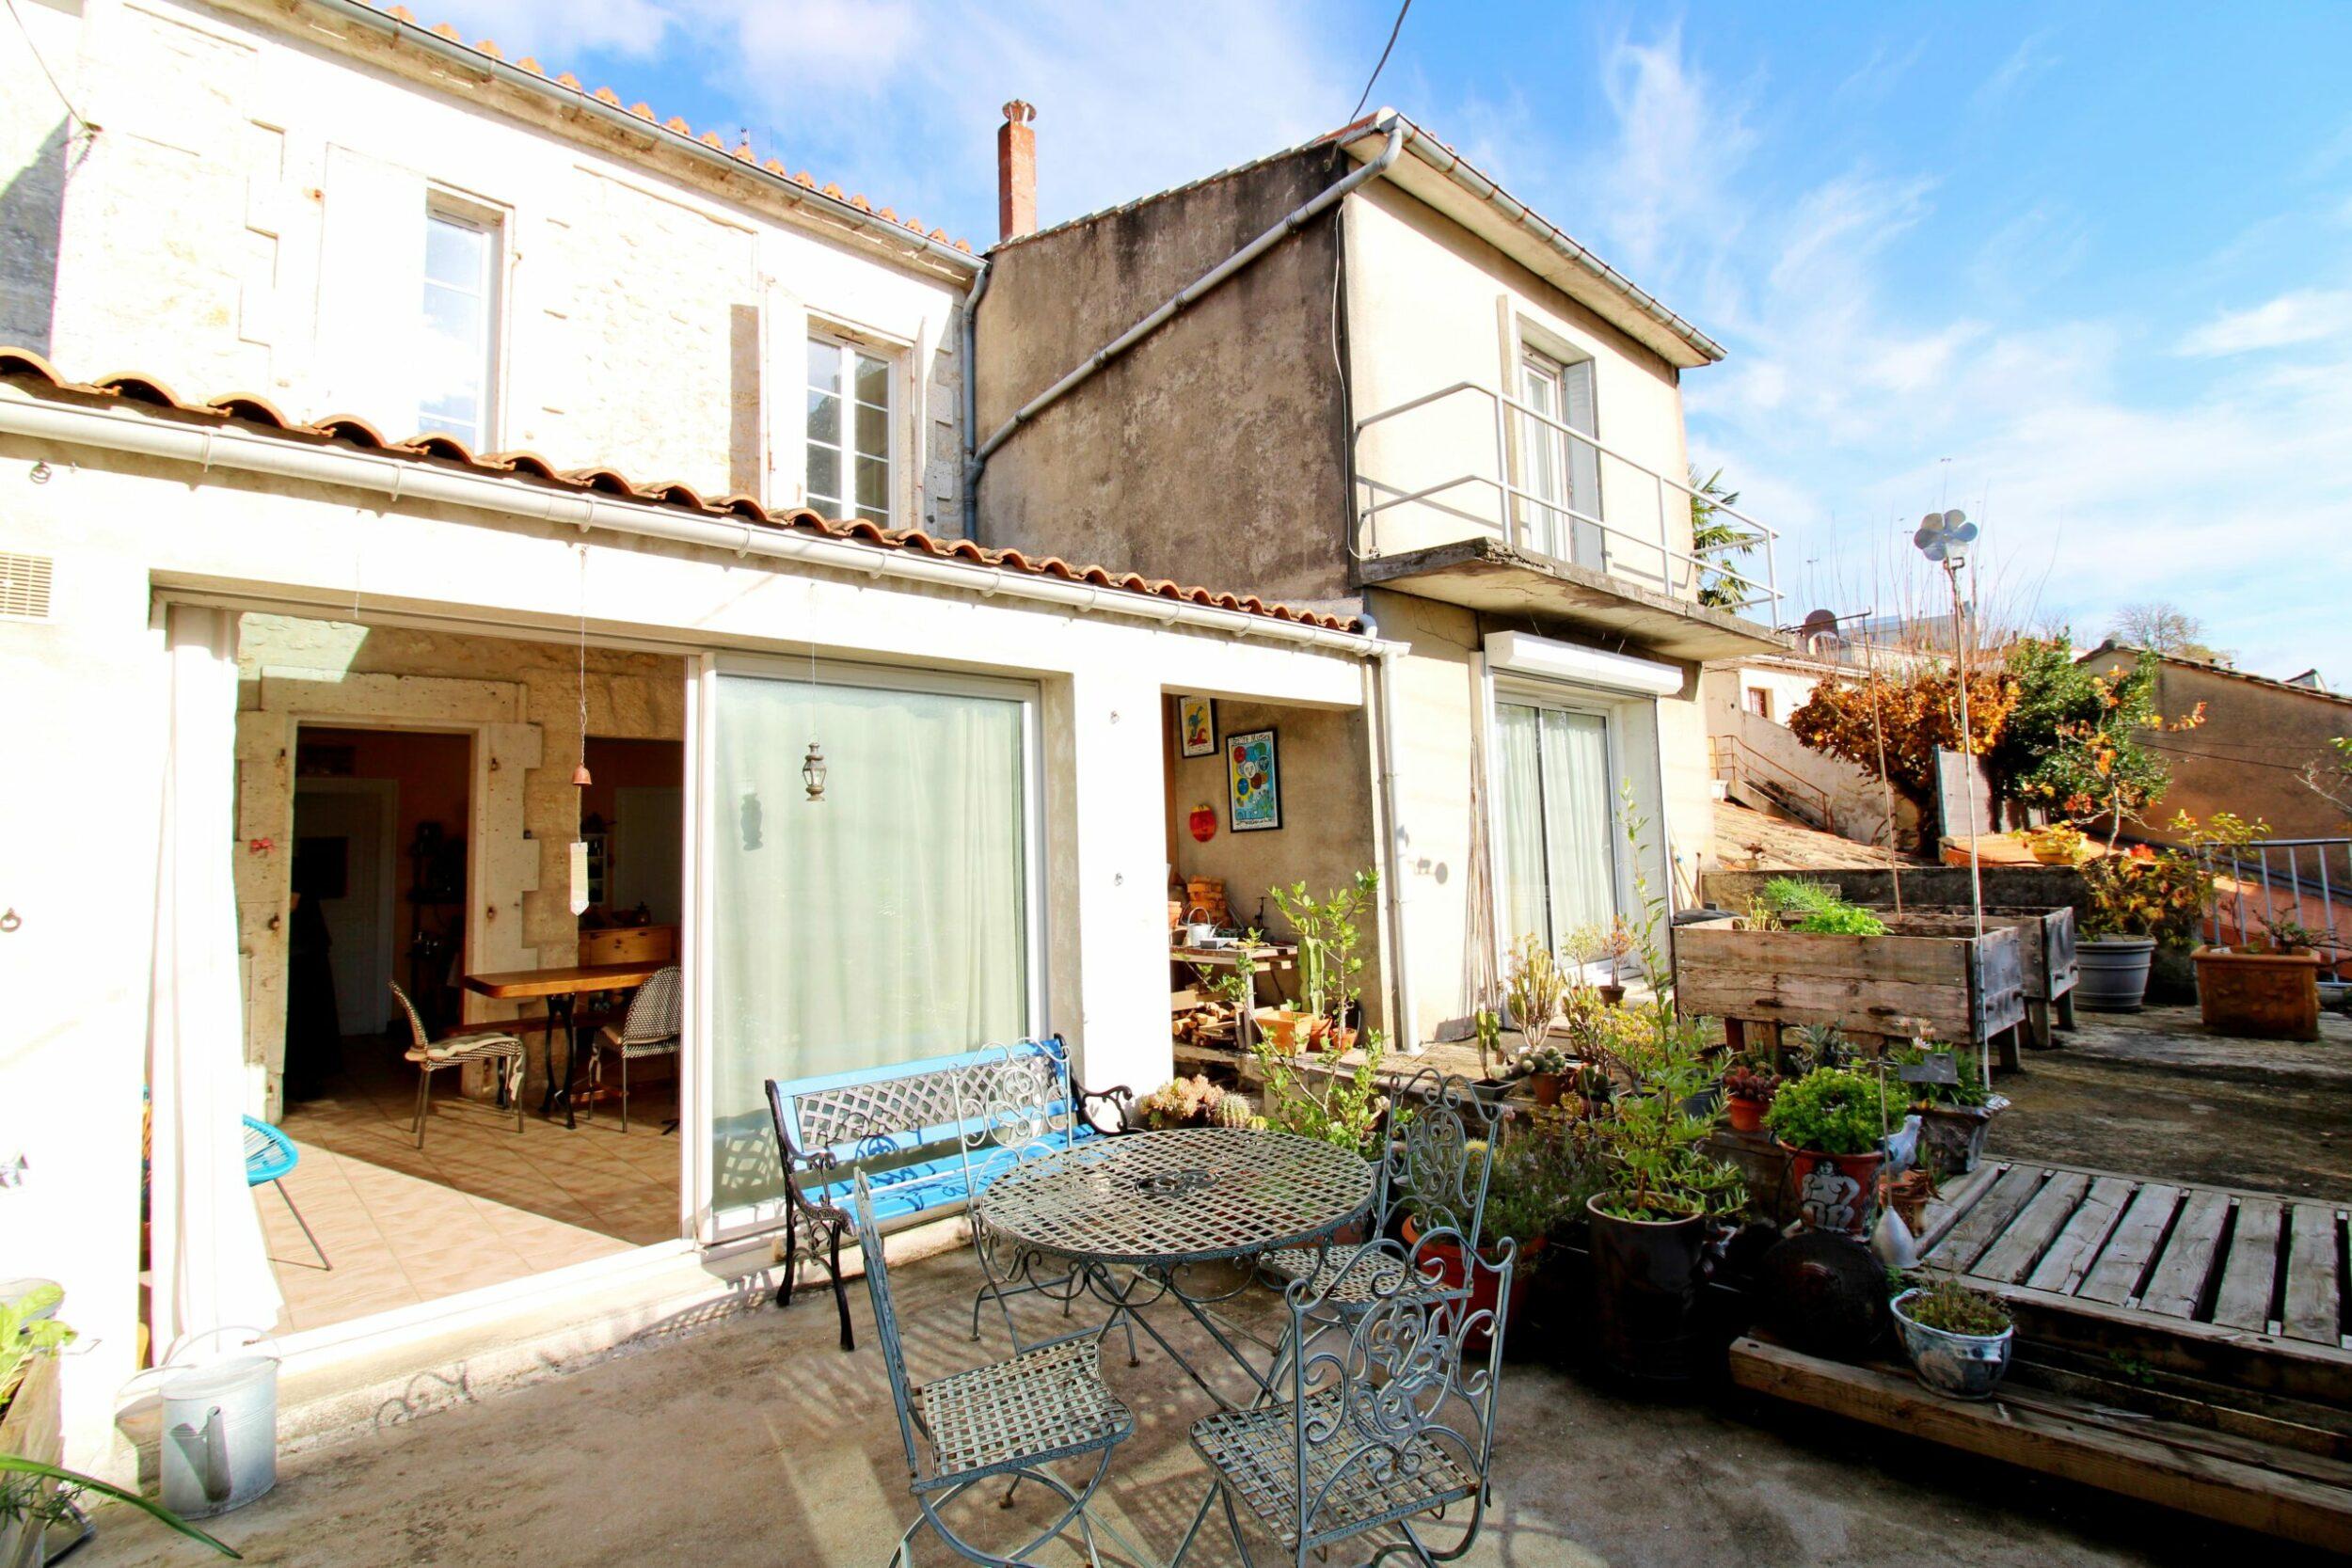 Maison 4 chambres + grande pièce de vie – Angoulême